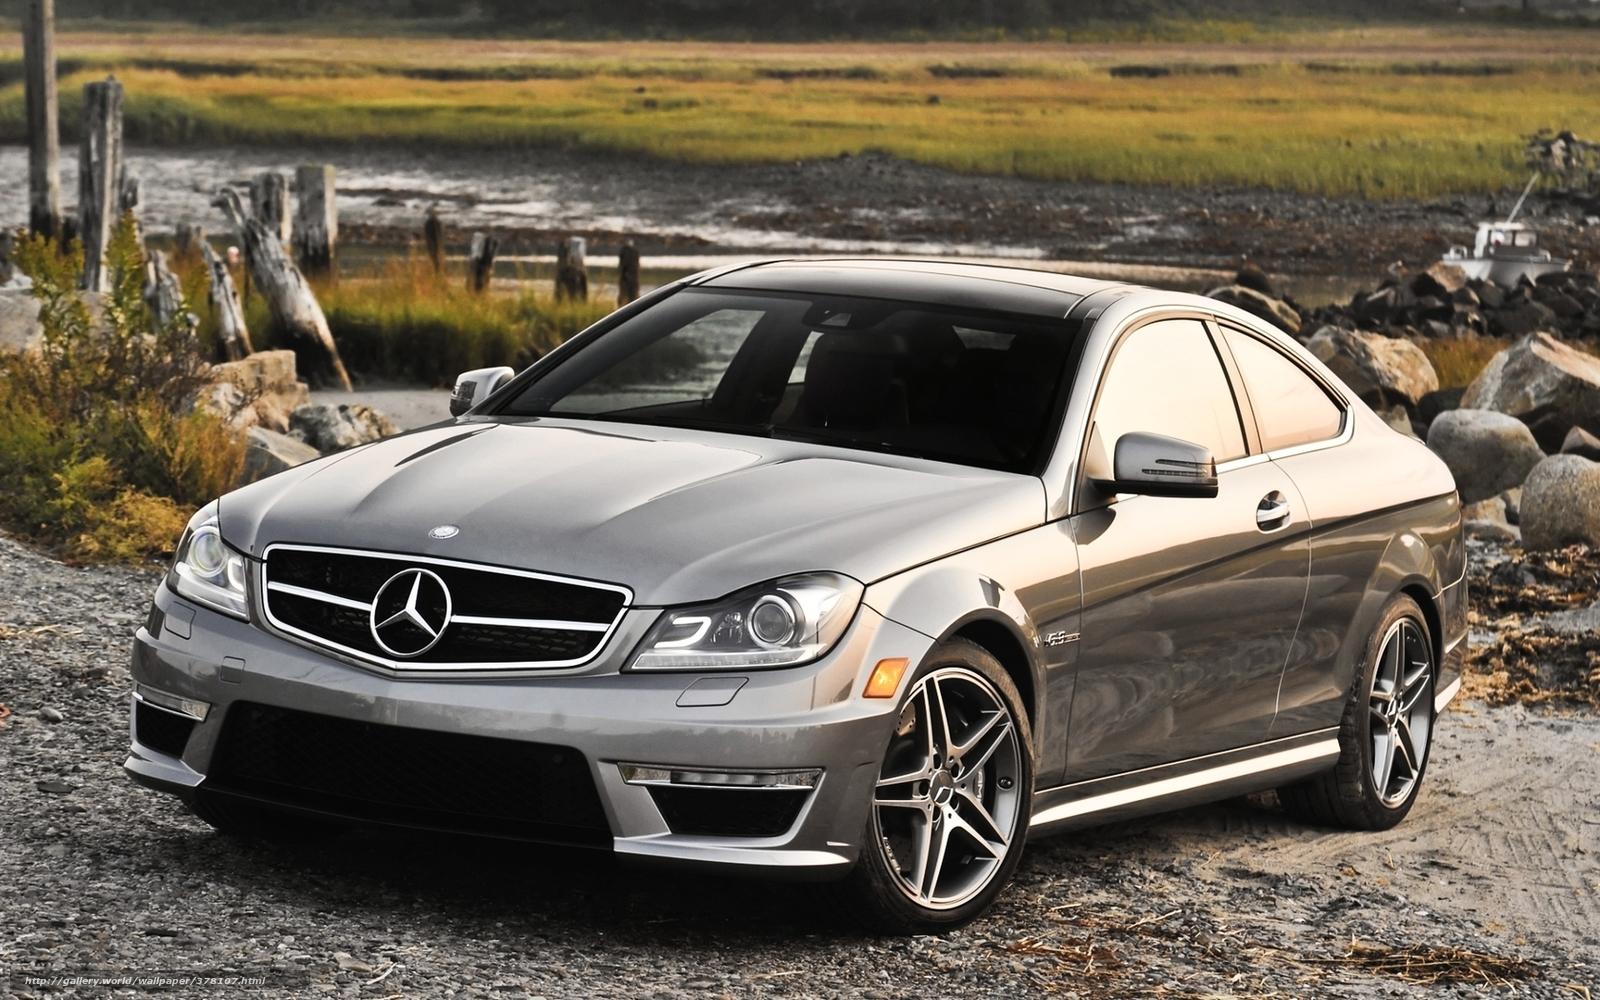 Tlcharger Fond d'ecran Mercedes, AMG, compartiment, Supercar Fonds d'ecran gratuits pour votre ...